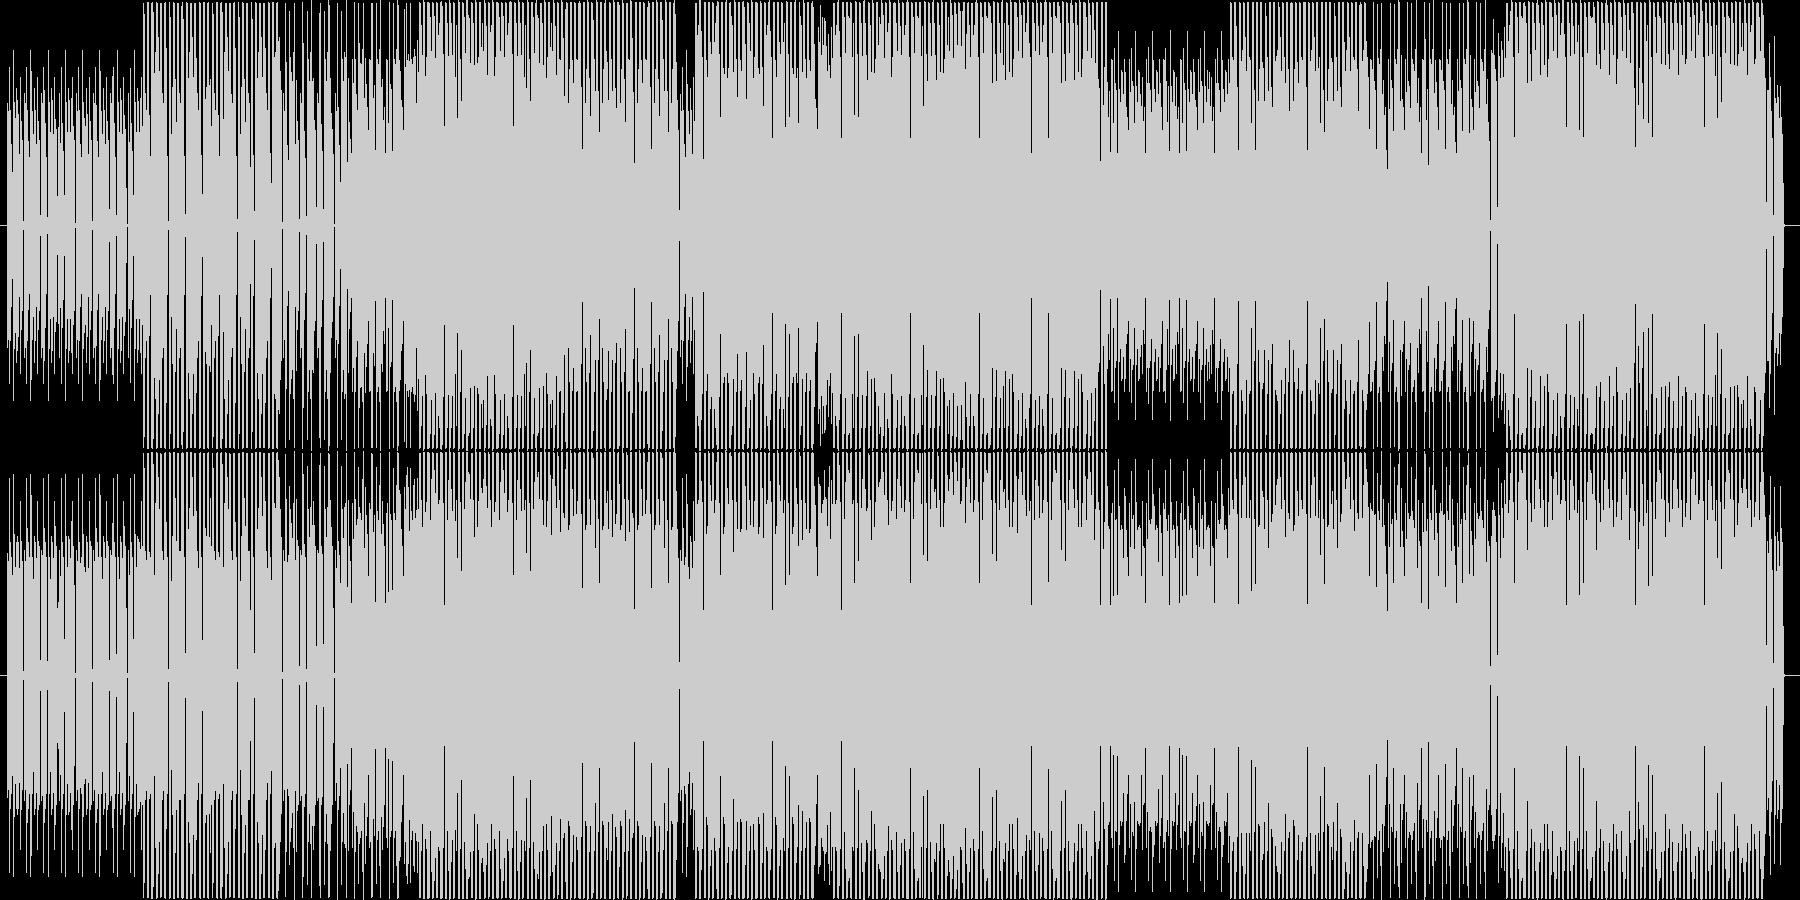 ミニマルでハードでシンプルなテクノの未再生の波形